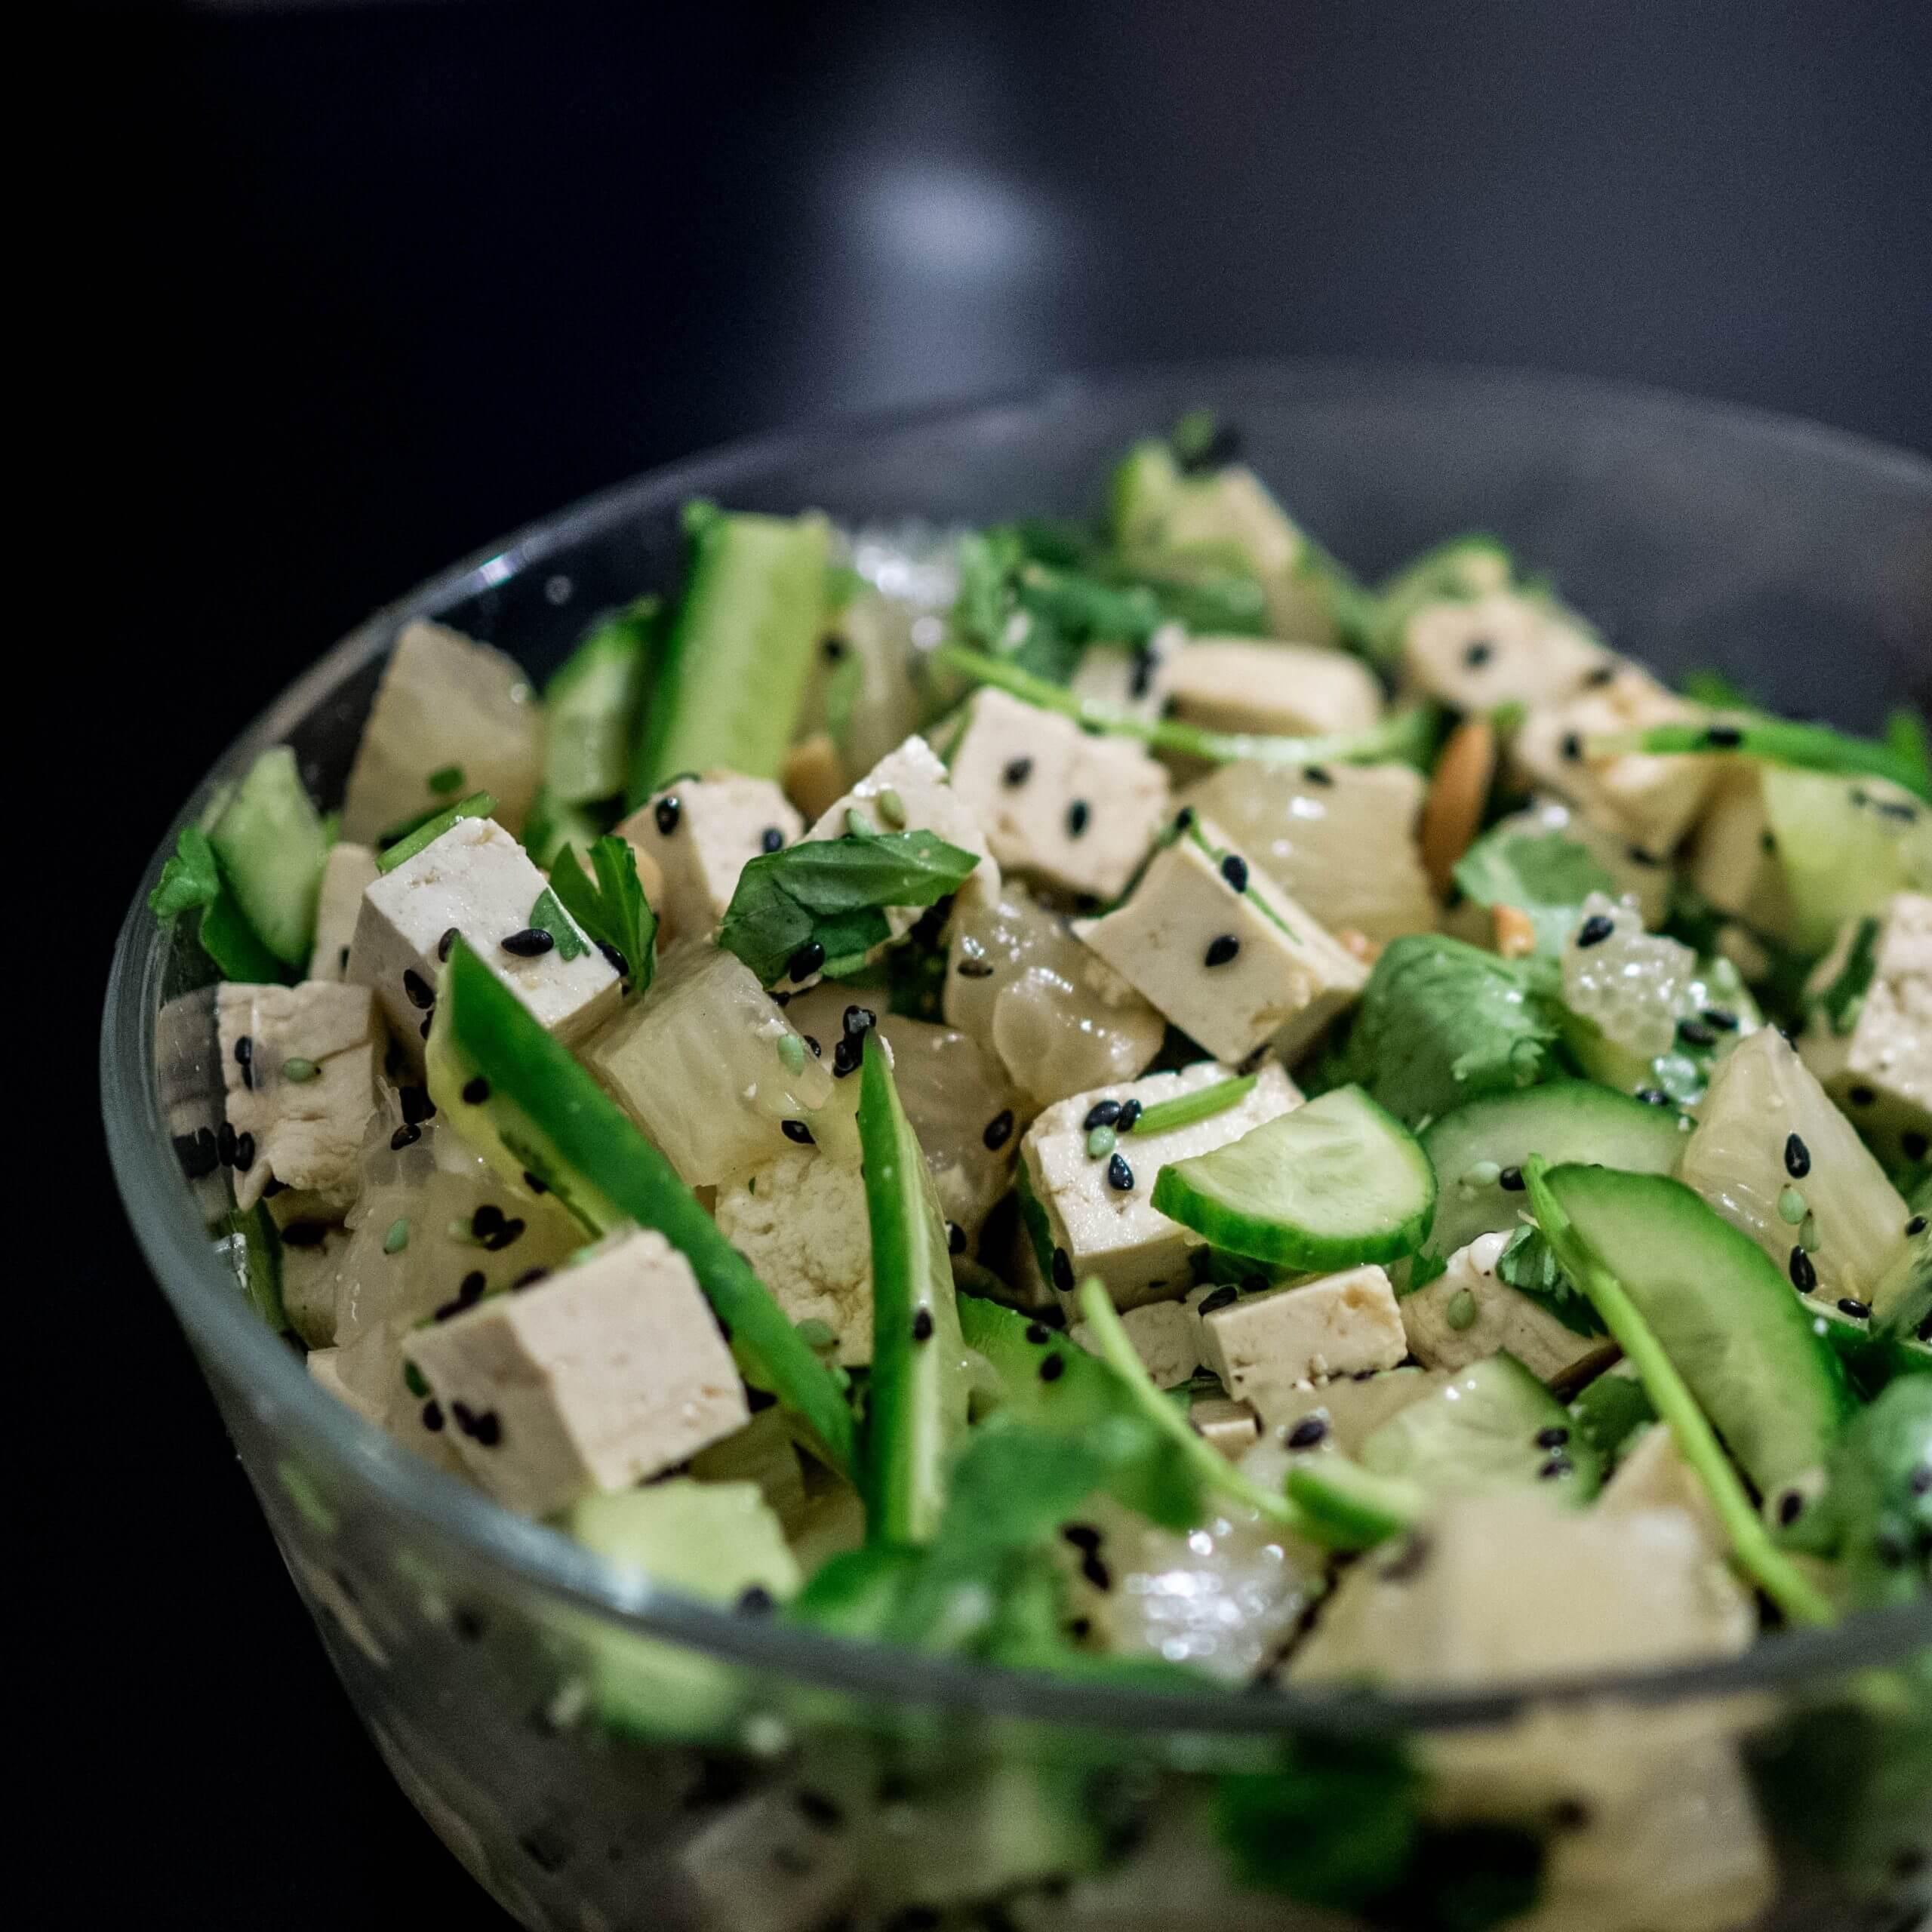 tofu syr v miske